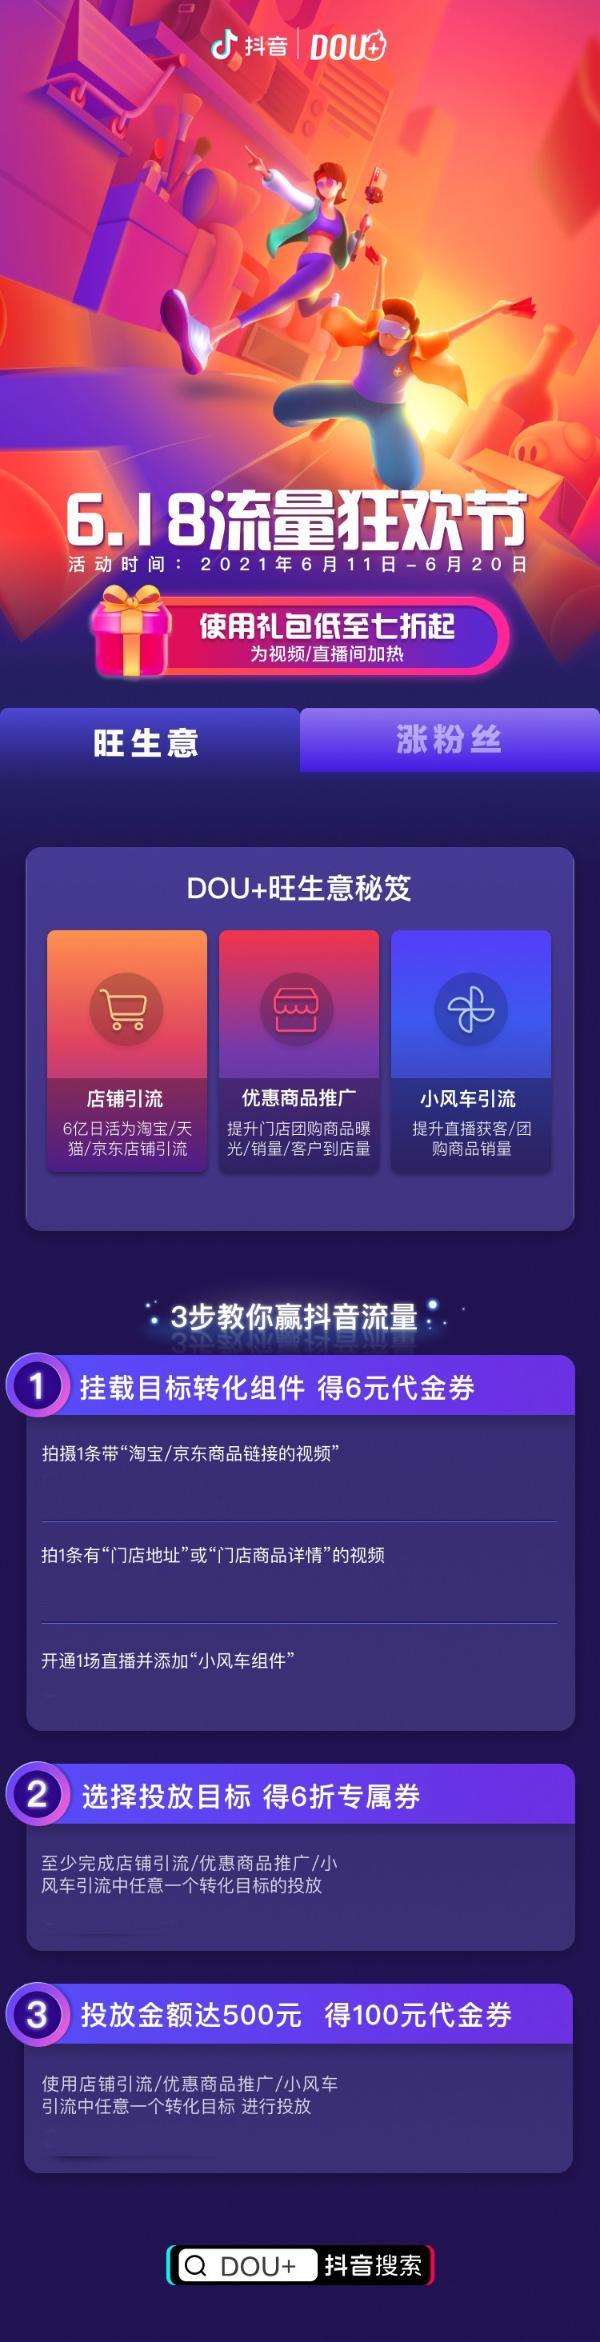 """DOU+""""6.18流量狂欢节""""来了,精细化营销场景投放助力好生意"""